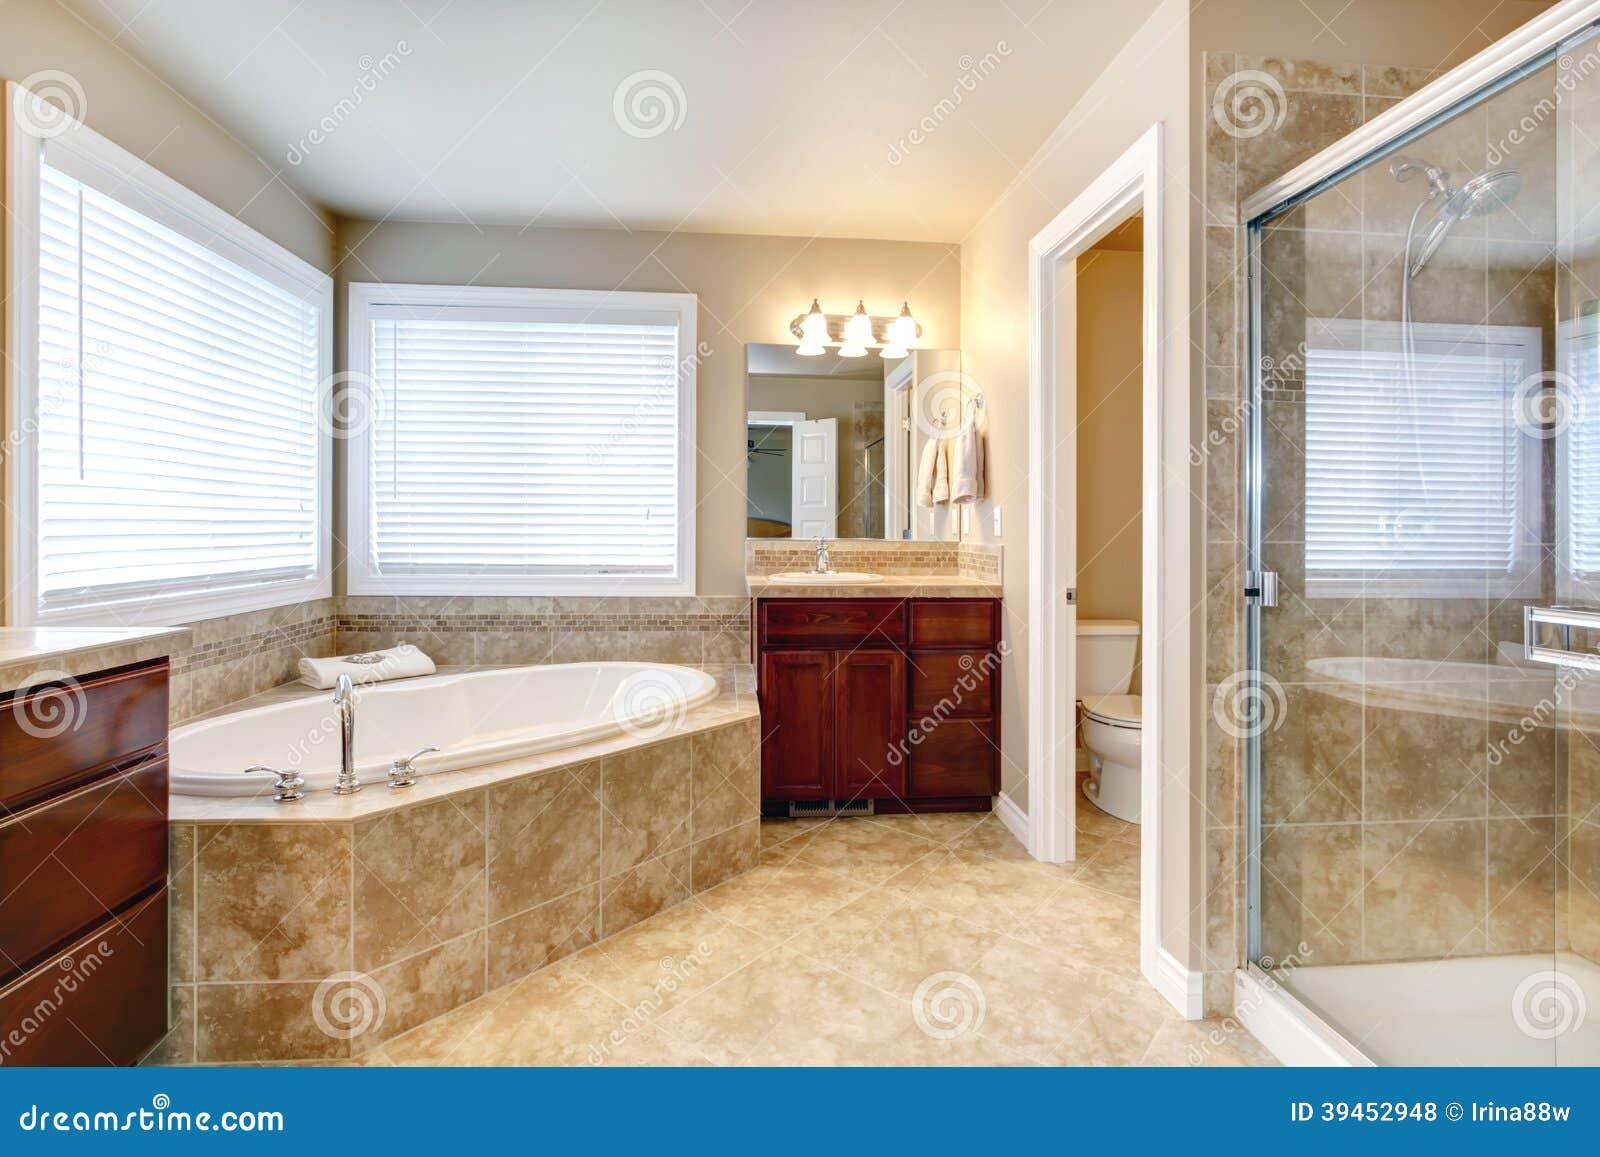 Cuarto de ba o moderno con la tina y la ducha redondas for Cuartos de bano modernos con ducha